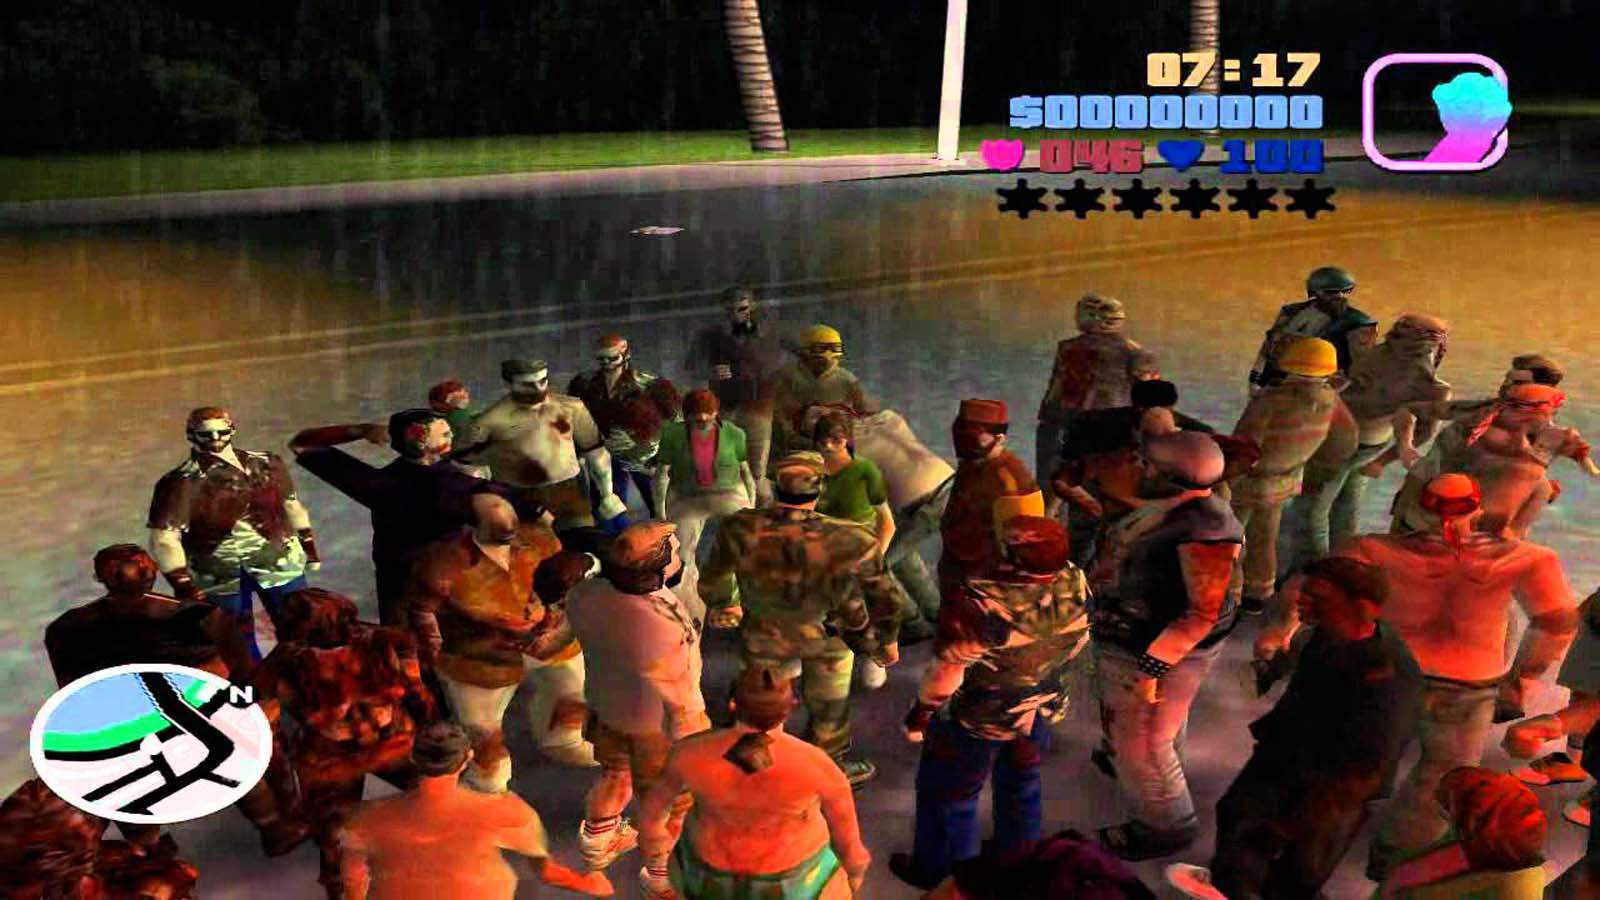 تحميل لعبة GTA Vice City Long Night Zombie مضغوطة برابط واحد مباشر كاملة مجانا